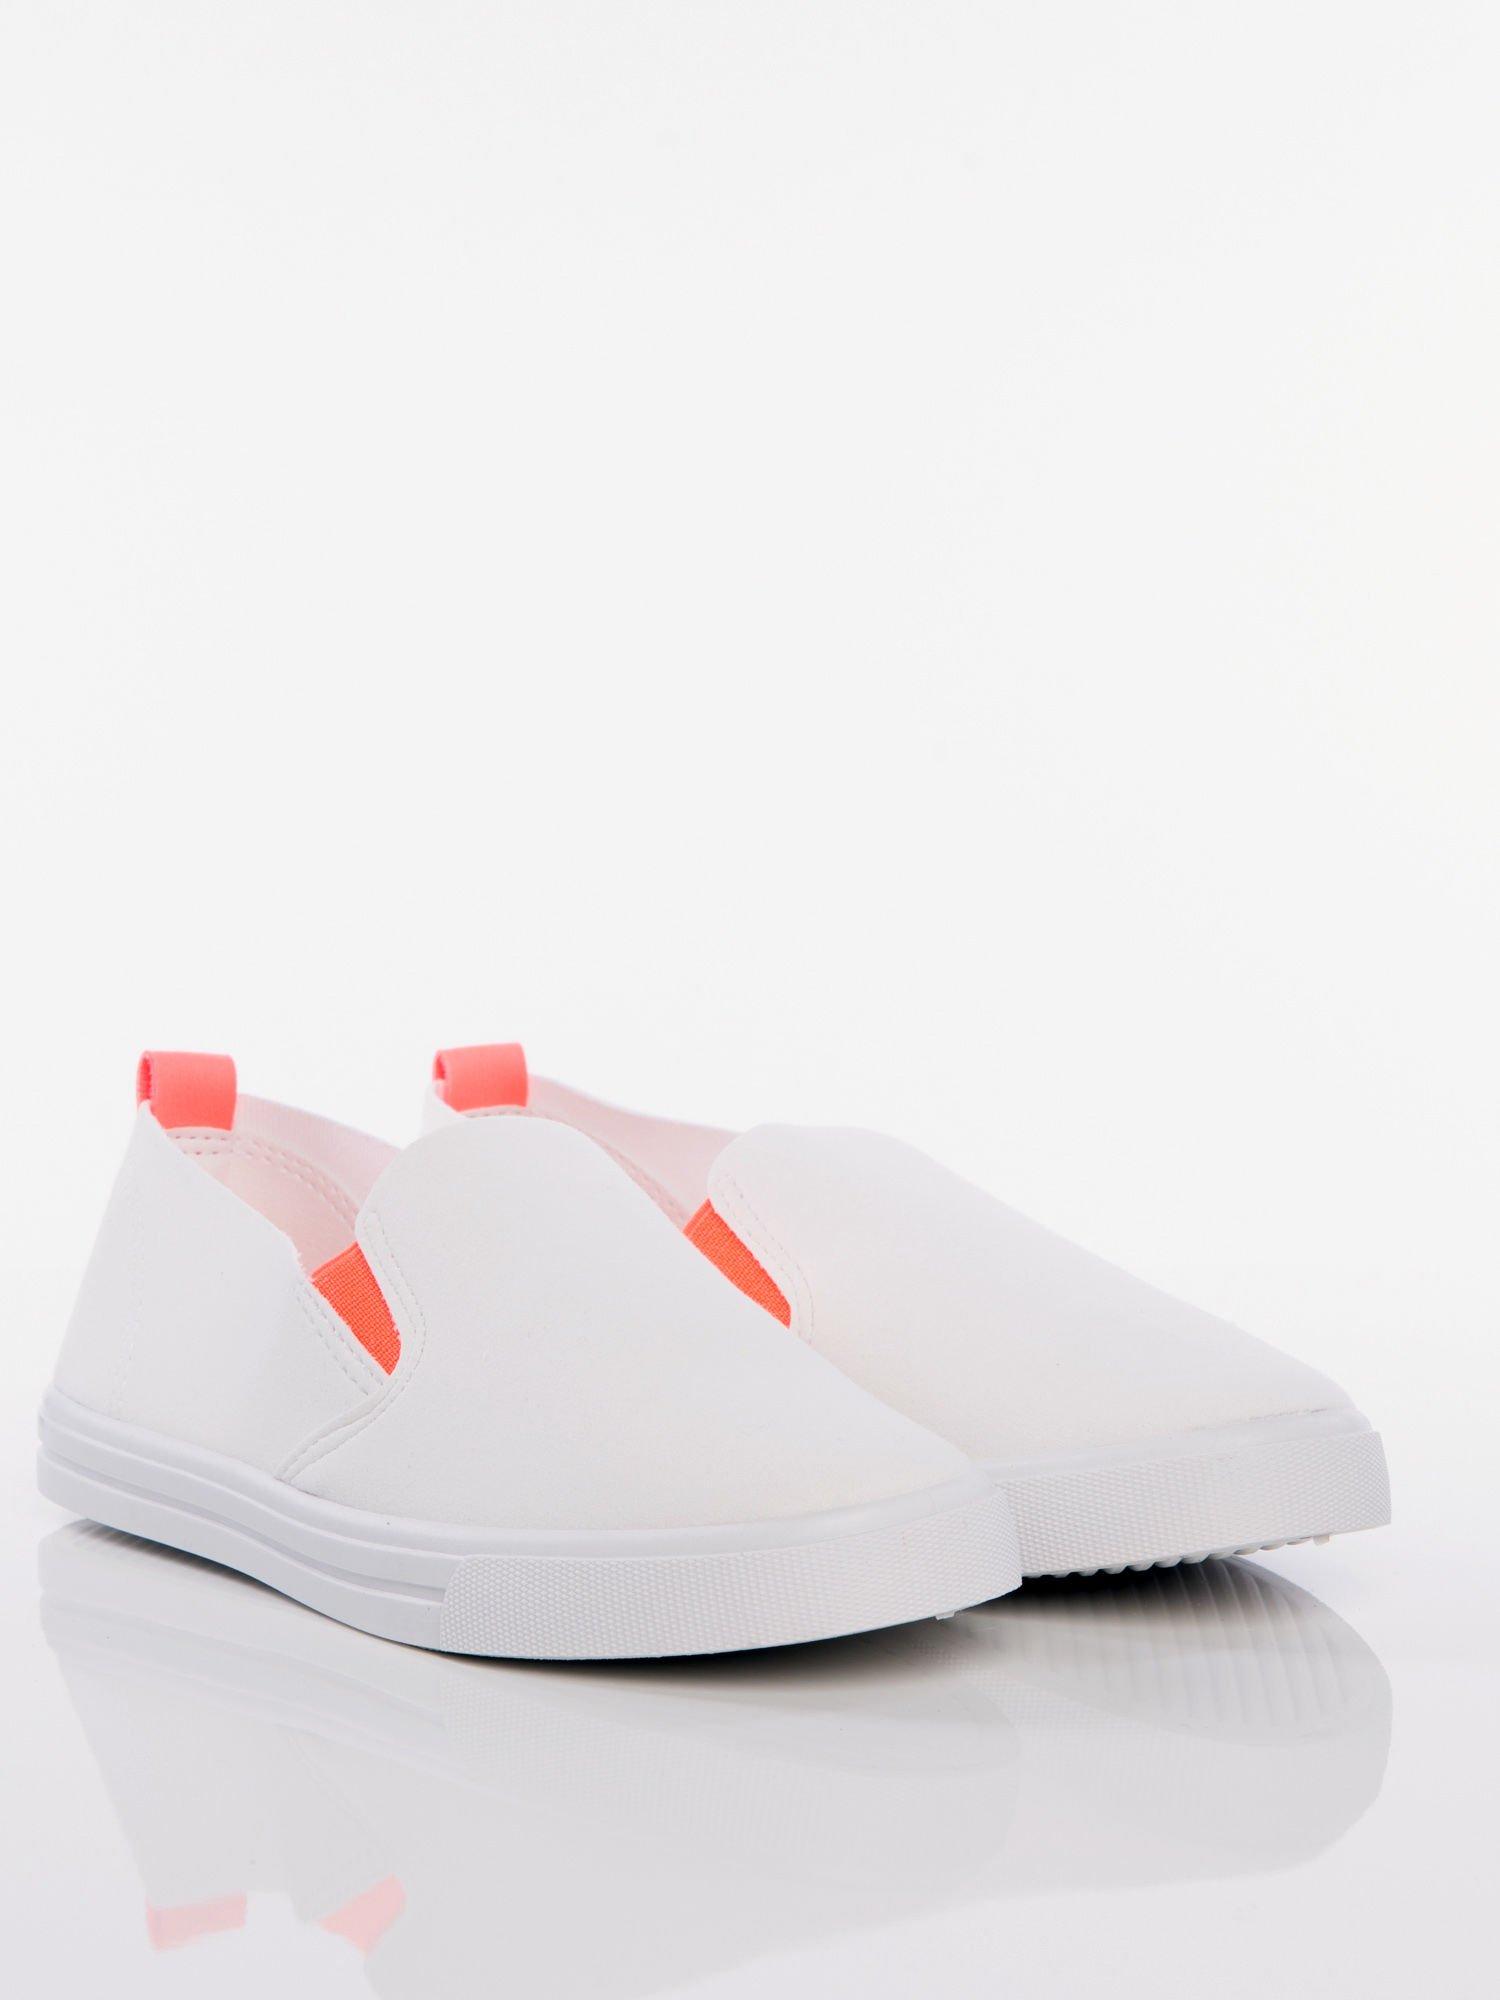 69580cccefef4 Białe wsuwane slip-ony z gumkami po bokach - Buty Trampki - sklep ...